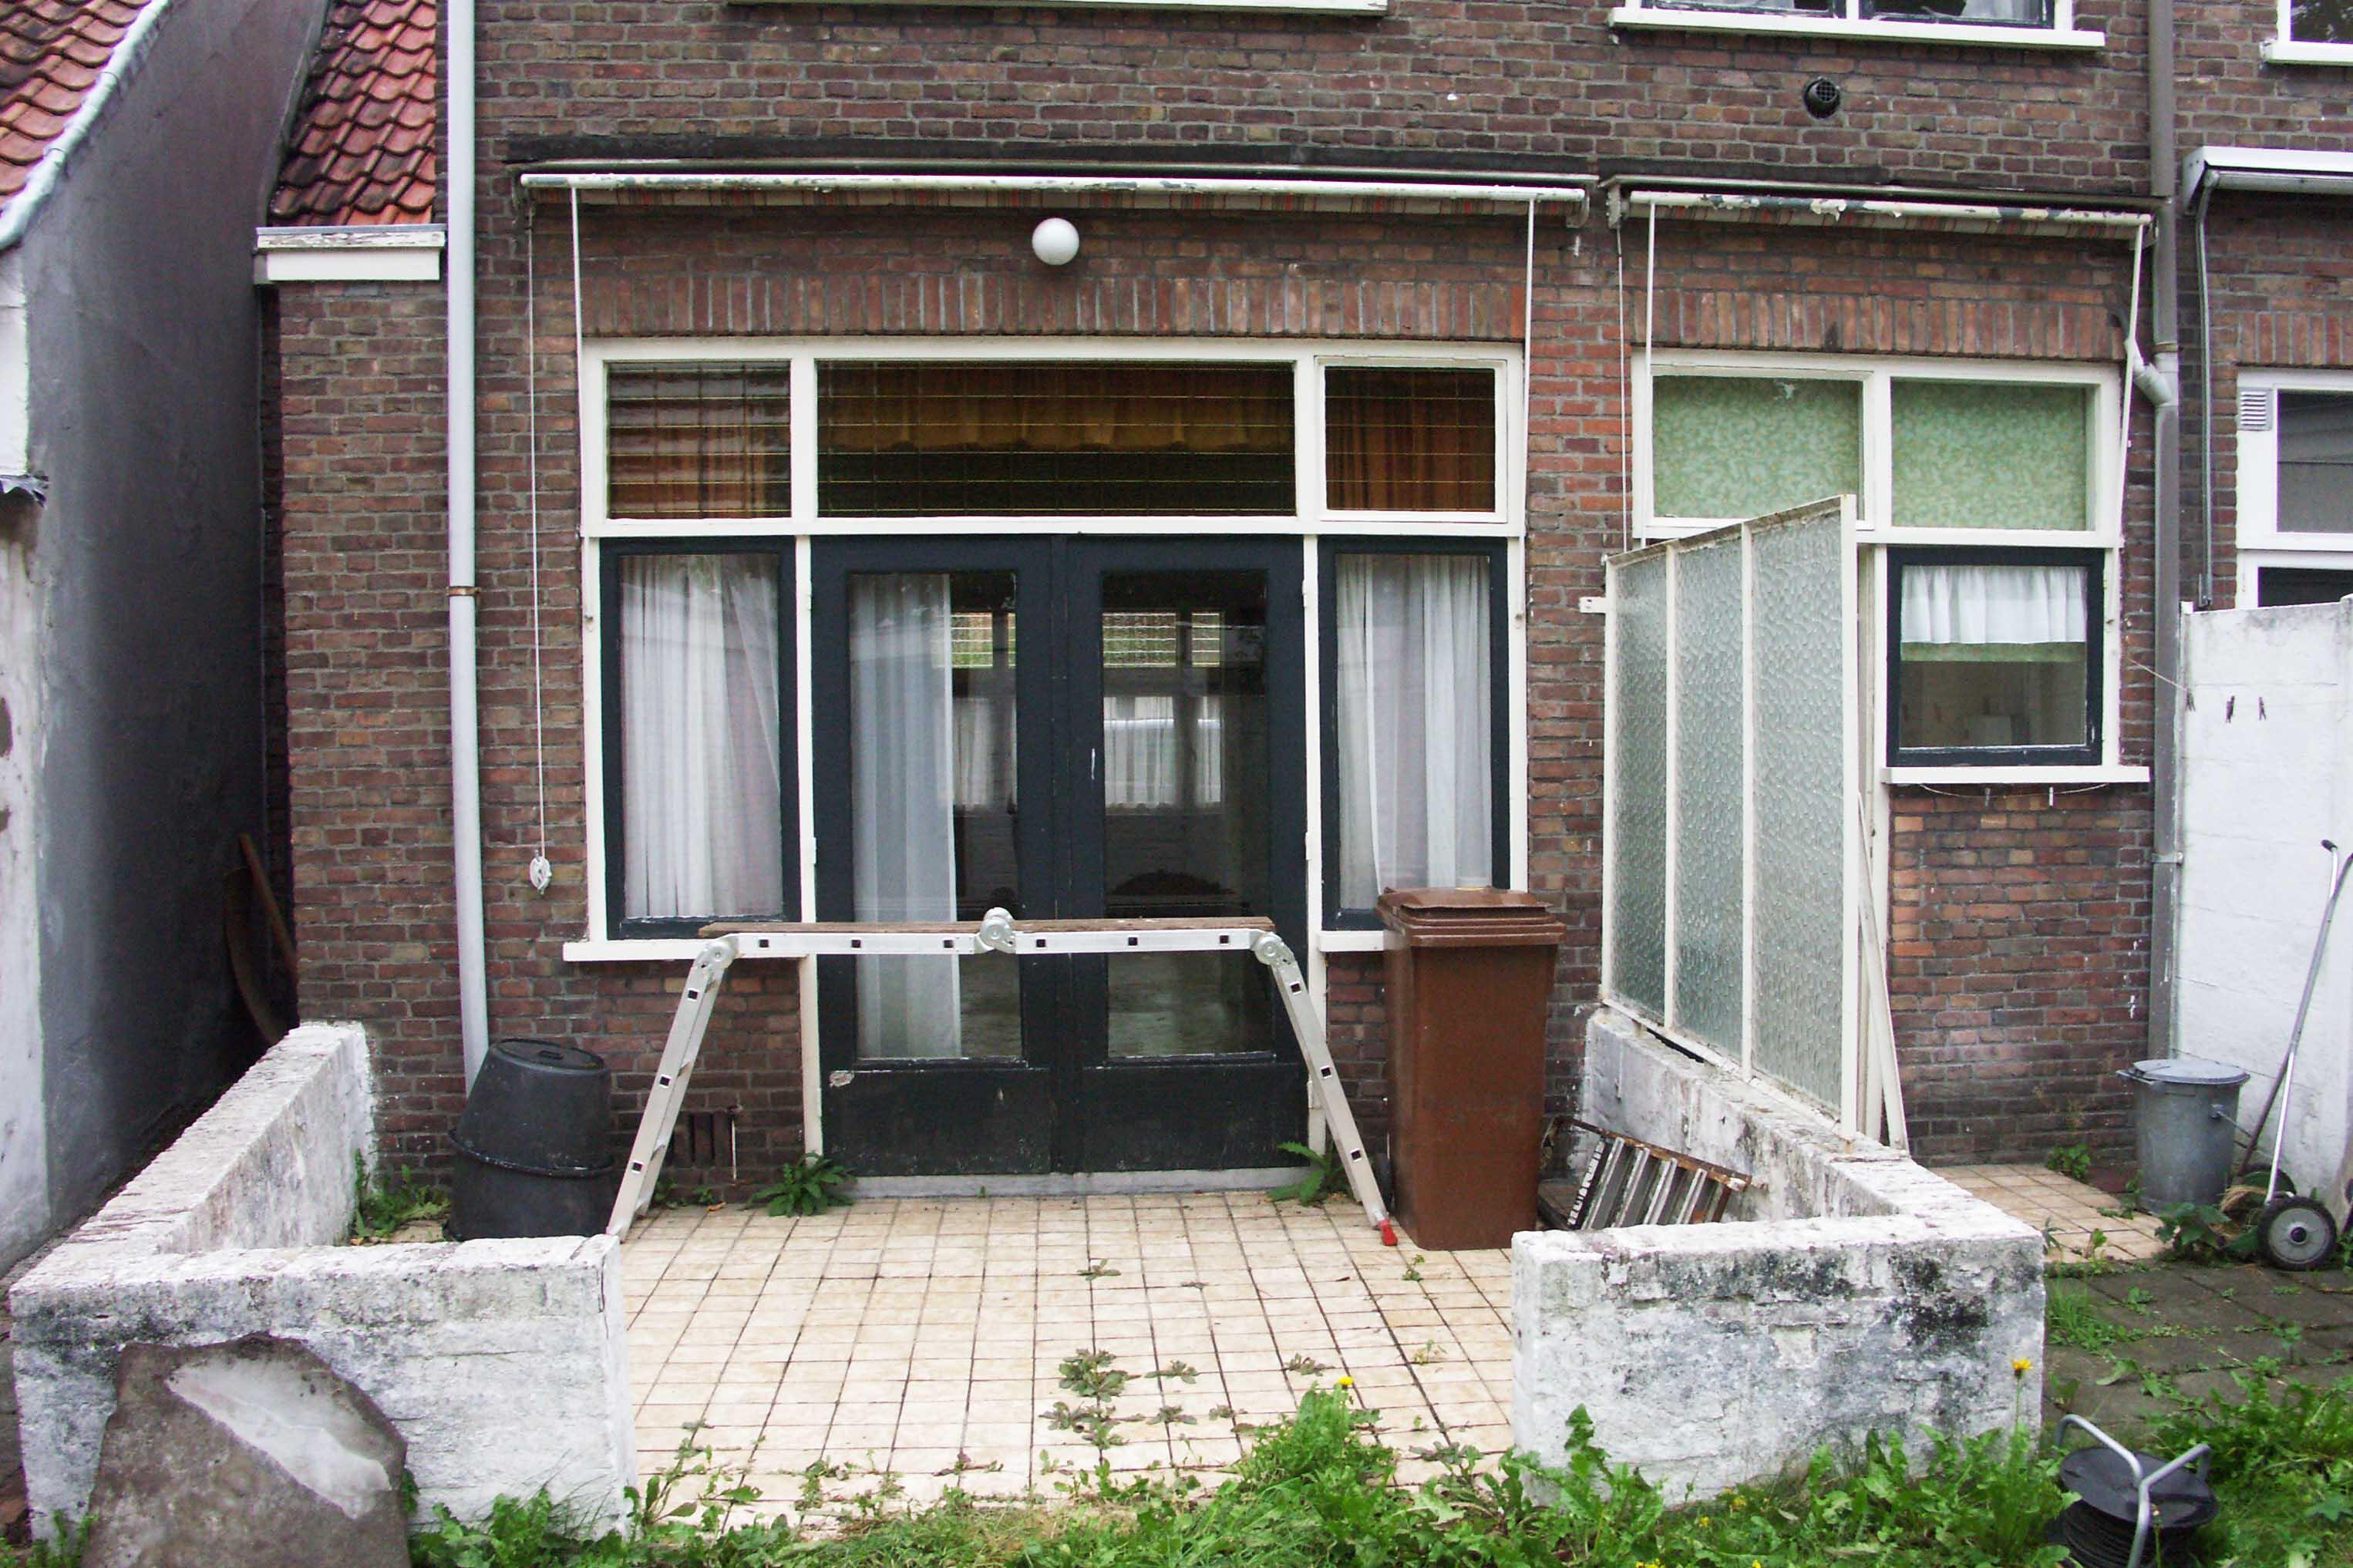 Renovatie buitenkant huis van kamer tot tuinvan kamer tot tuin - Buitenkant thuis ...